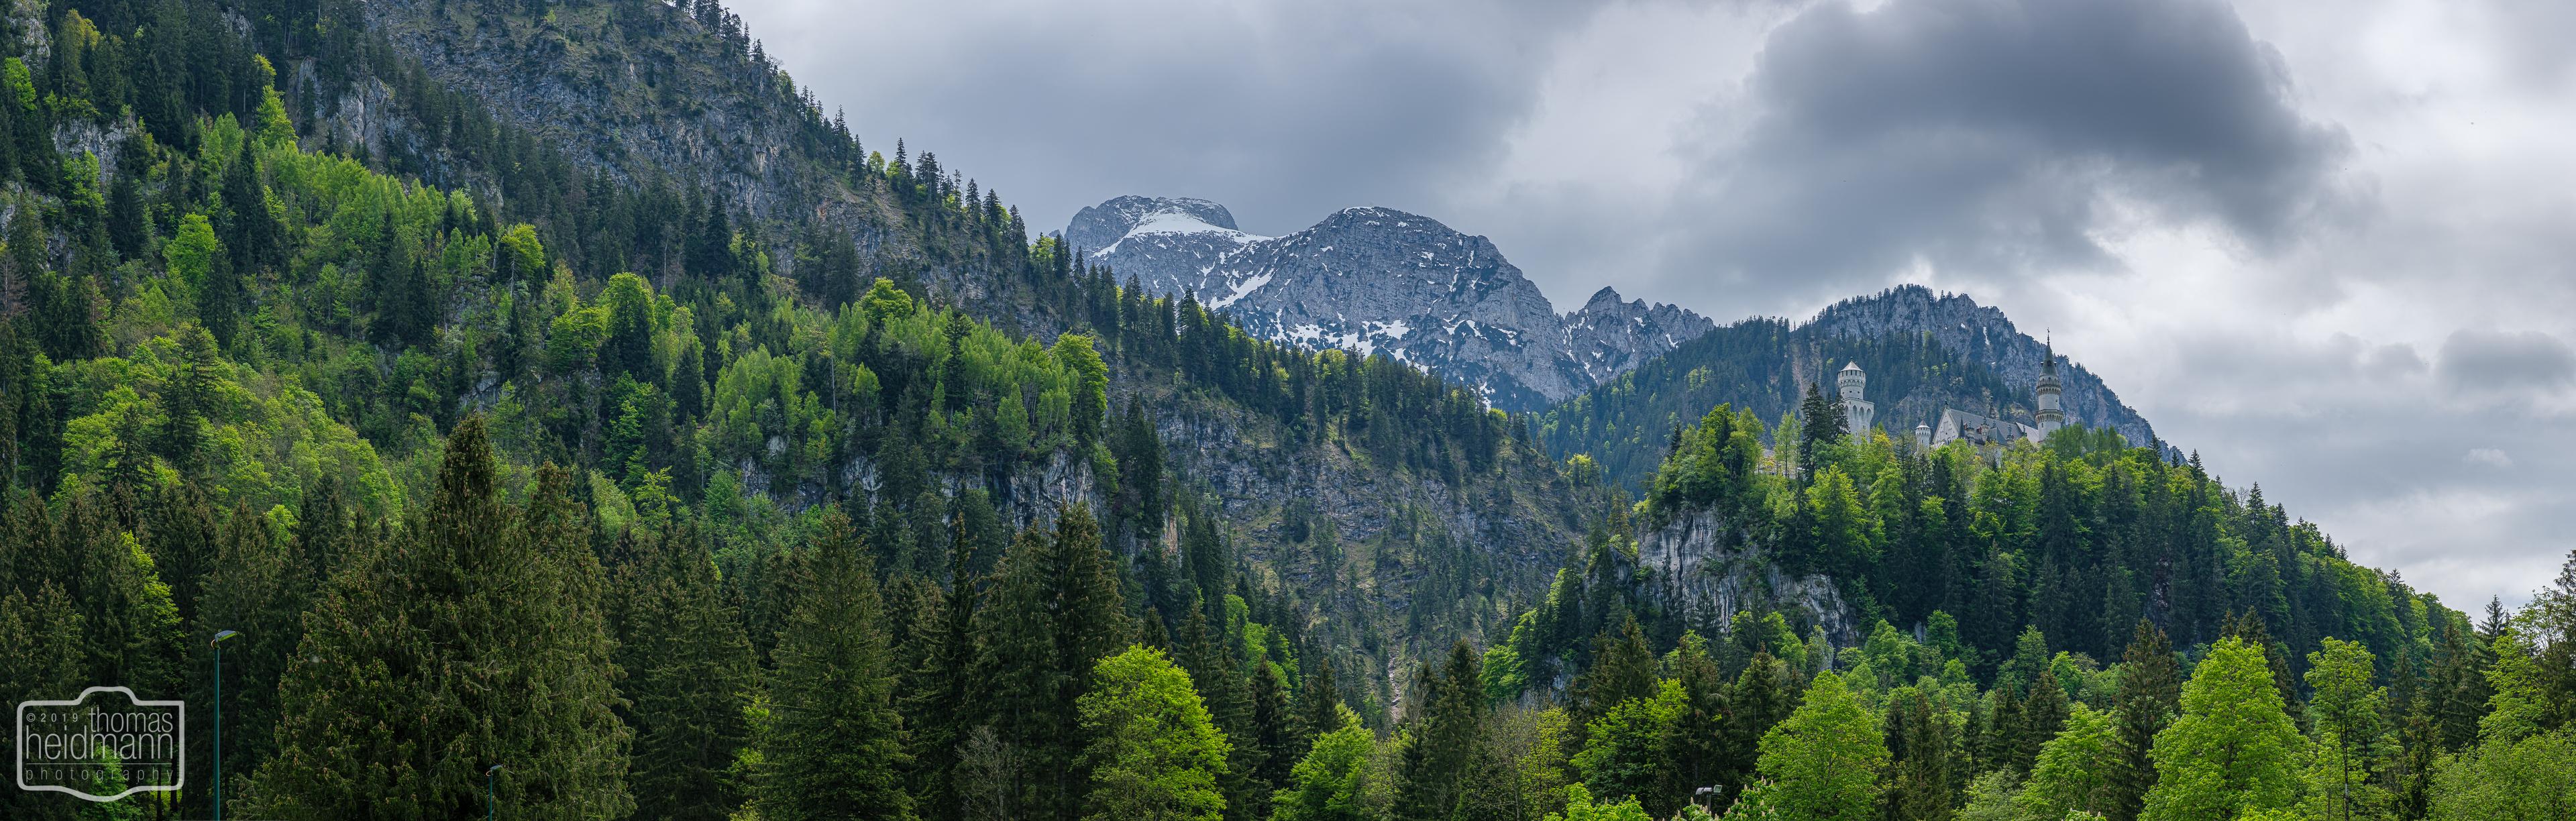 Radtour durchs Allgäu nach Füssen - Schloss Neuschwanstein